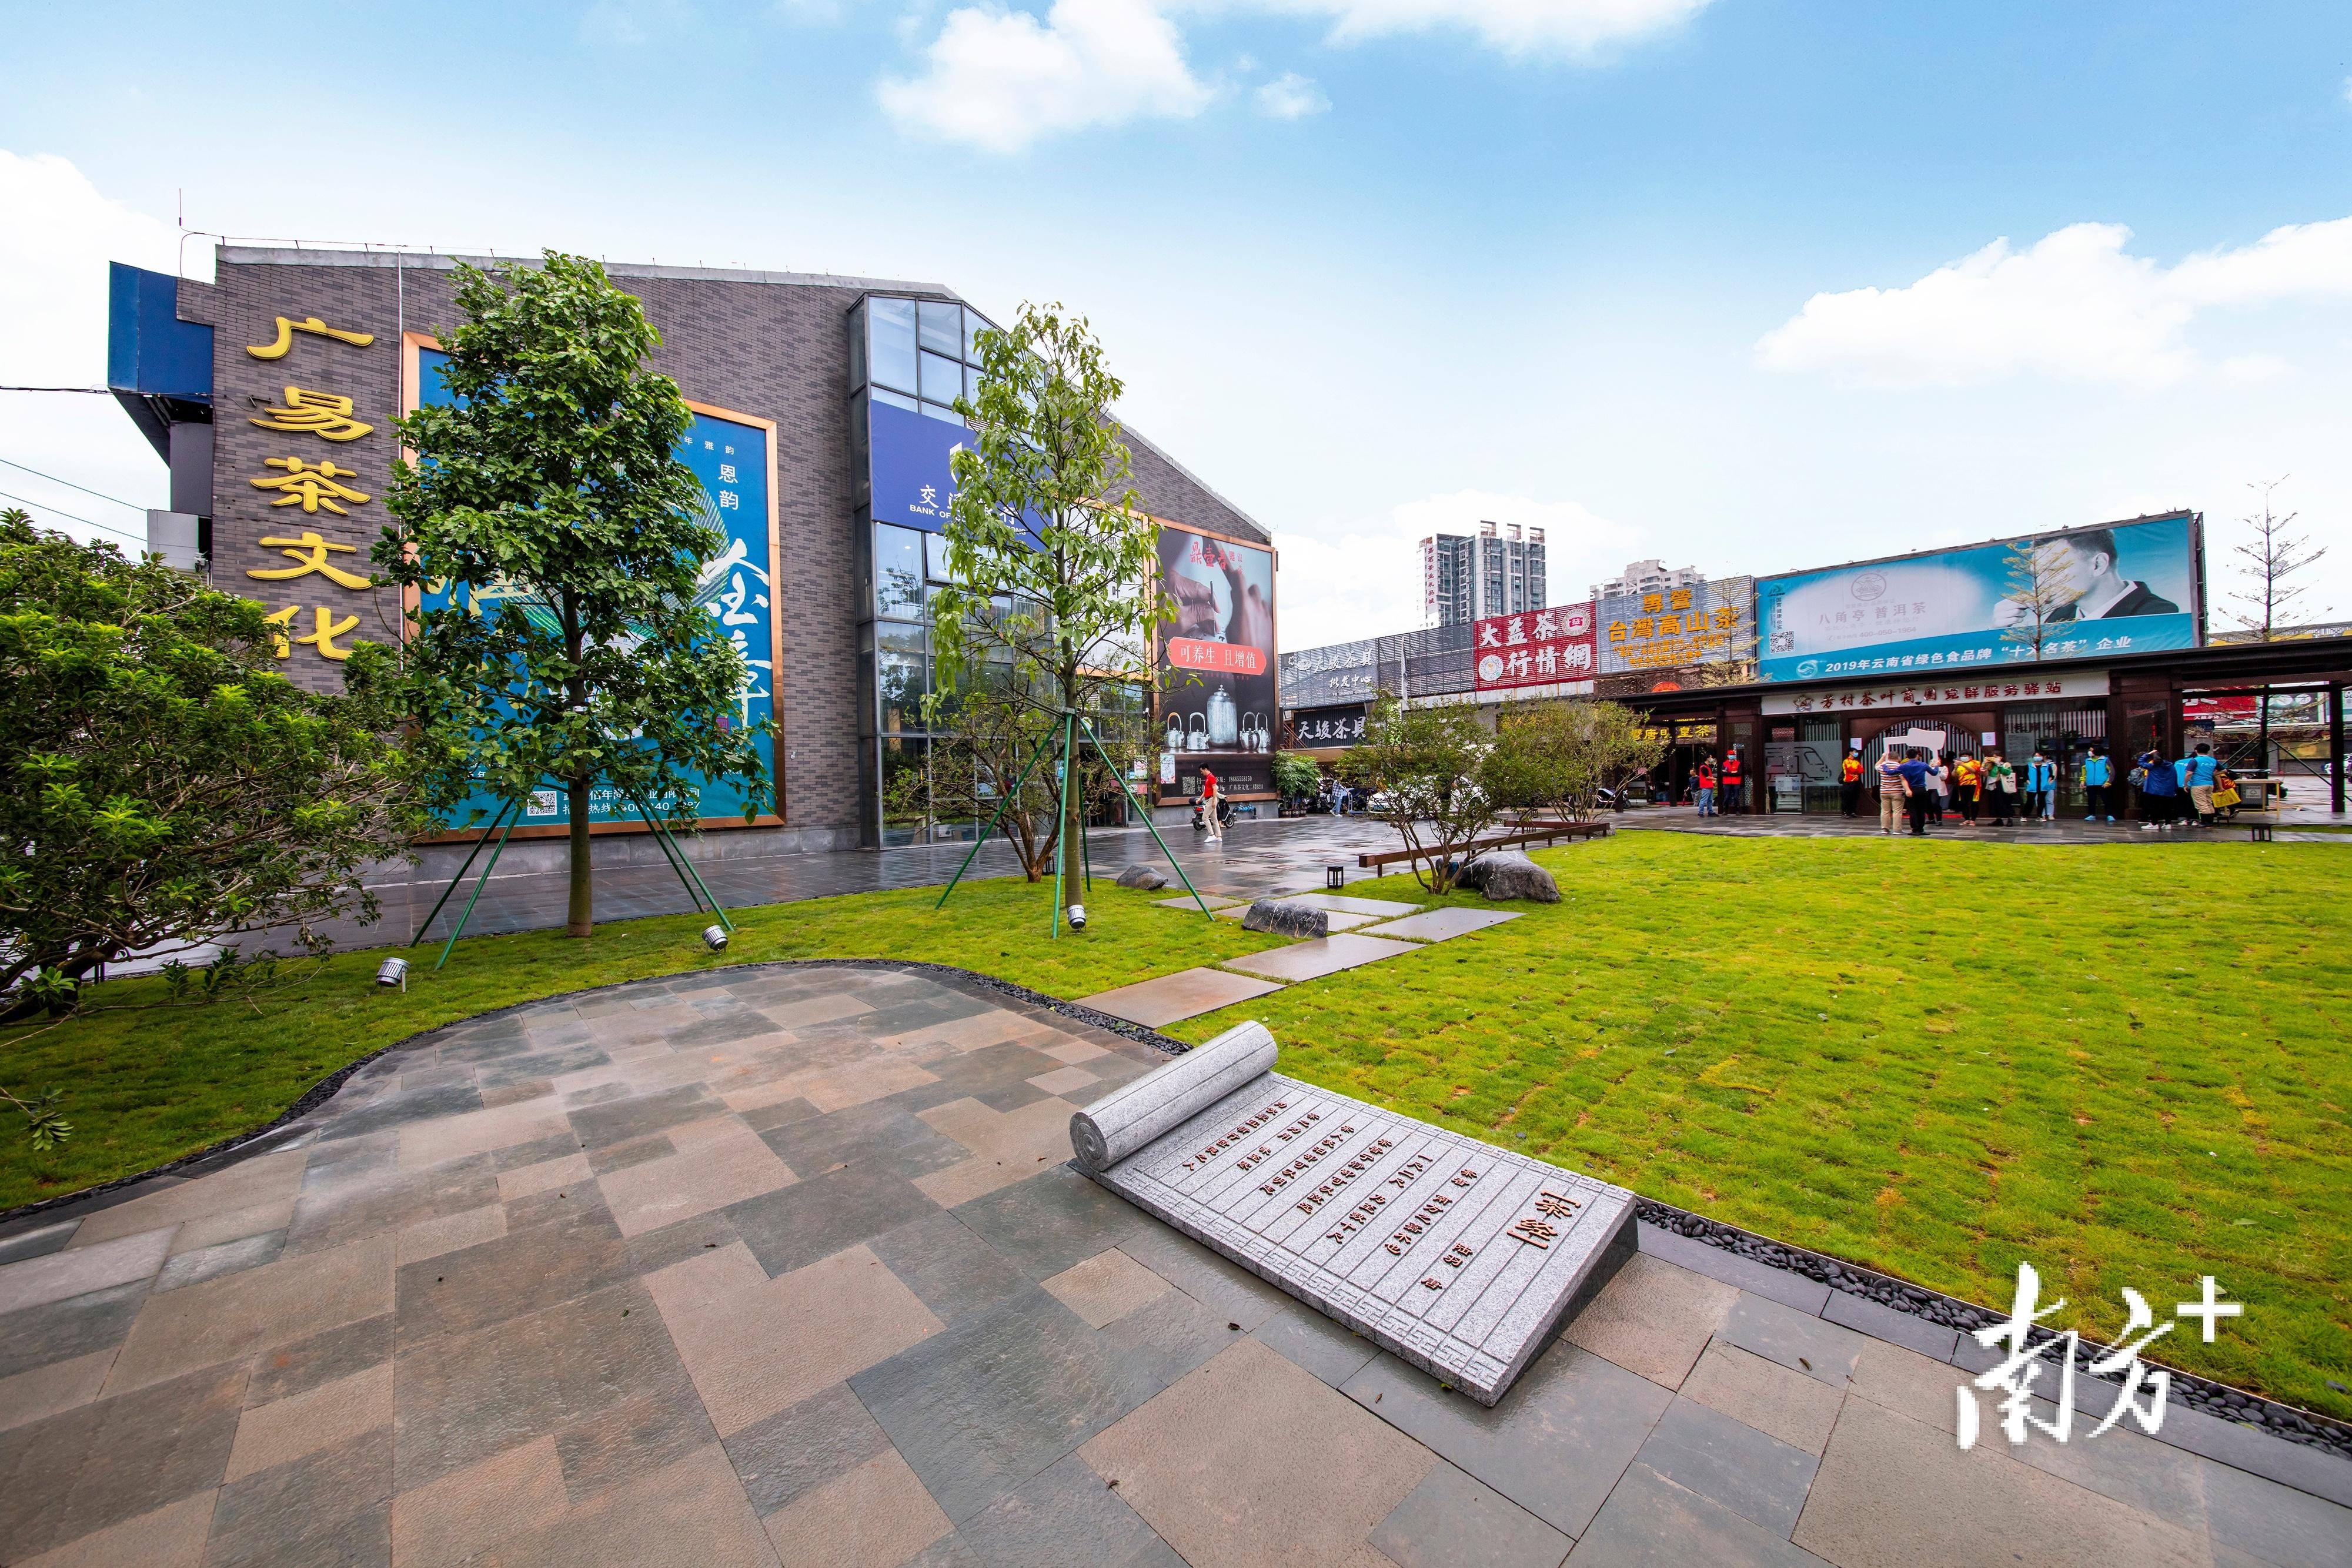 广易茶文化广场变身茶文化公园。苏宏斌 摄